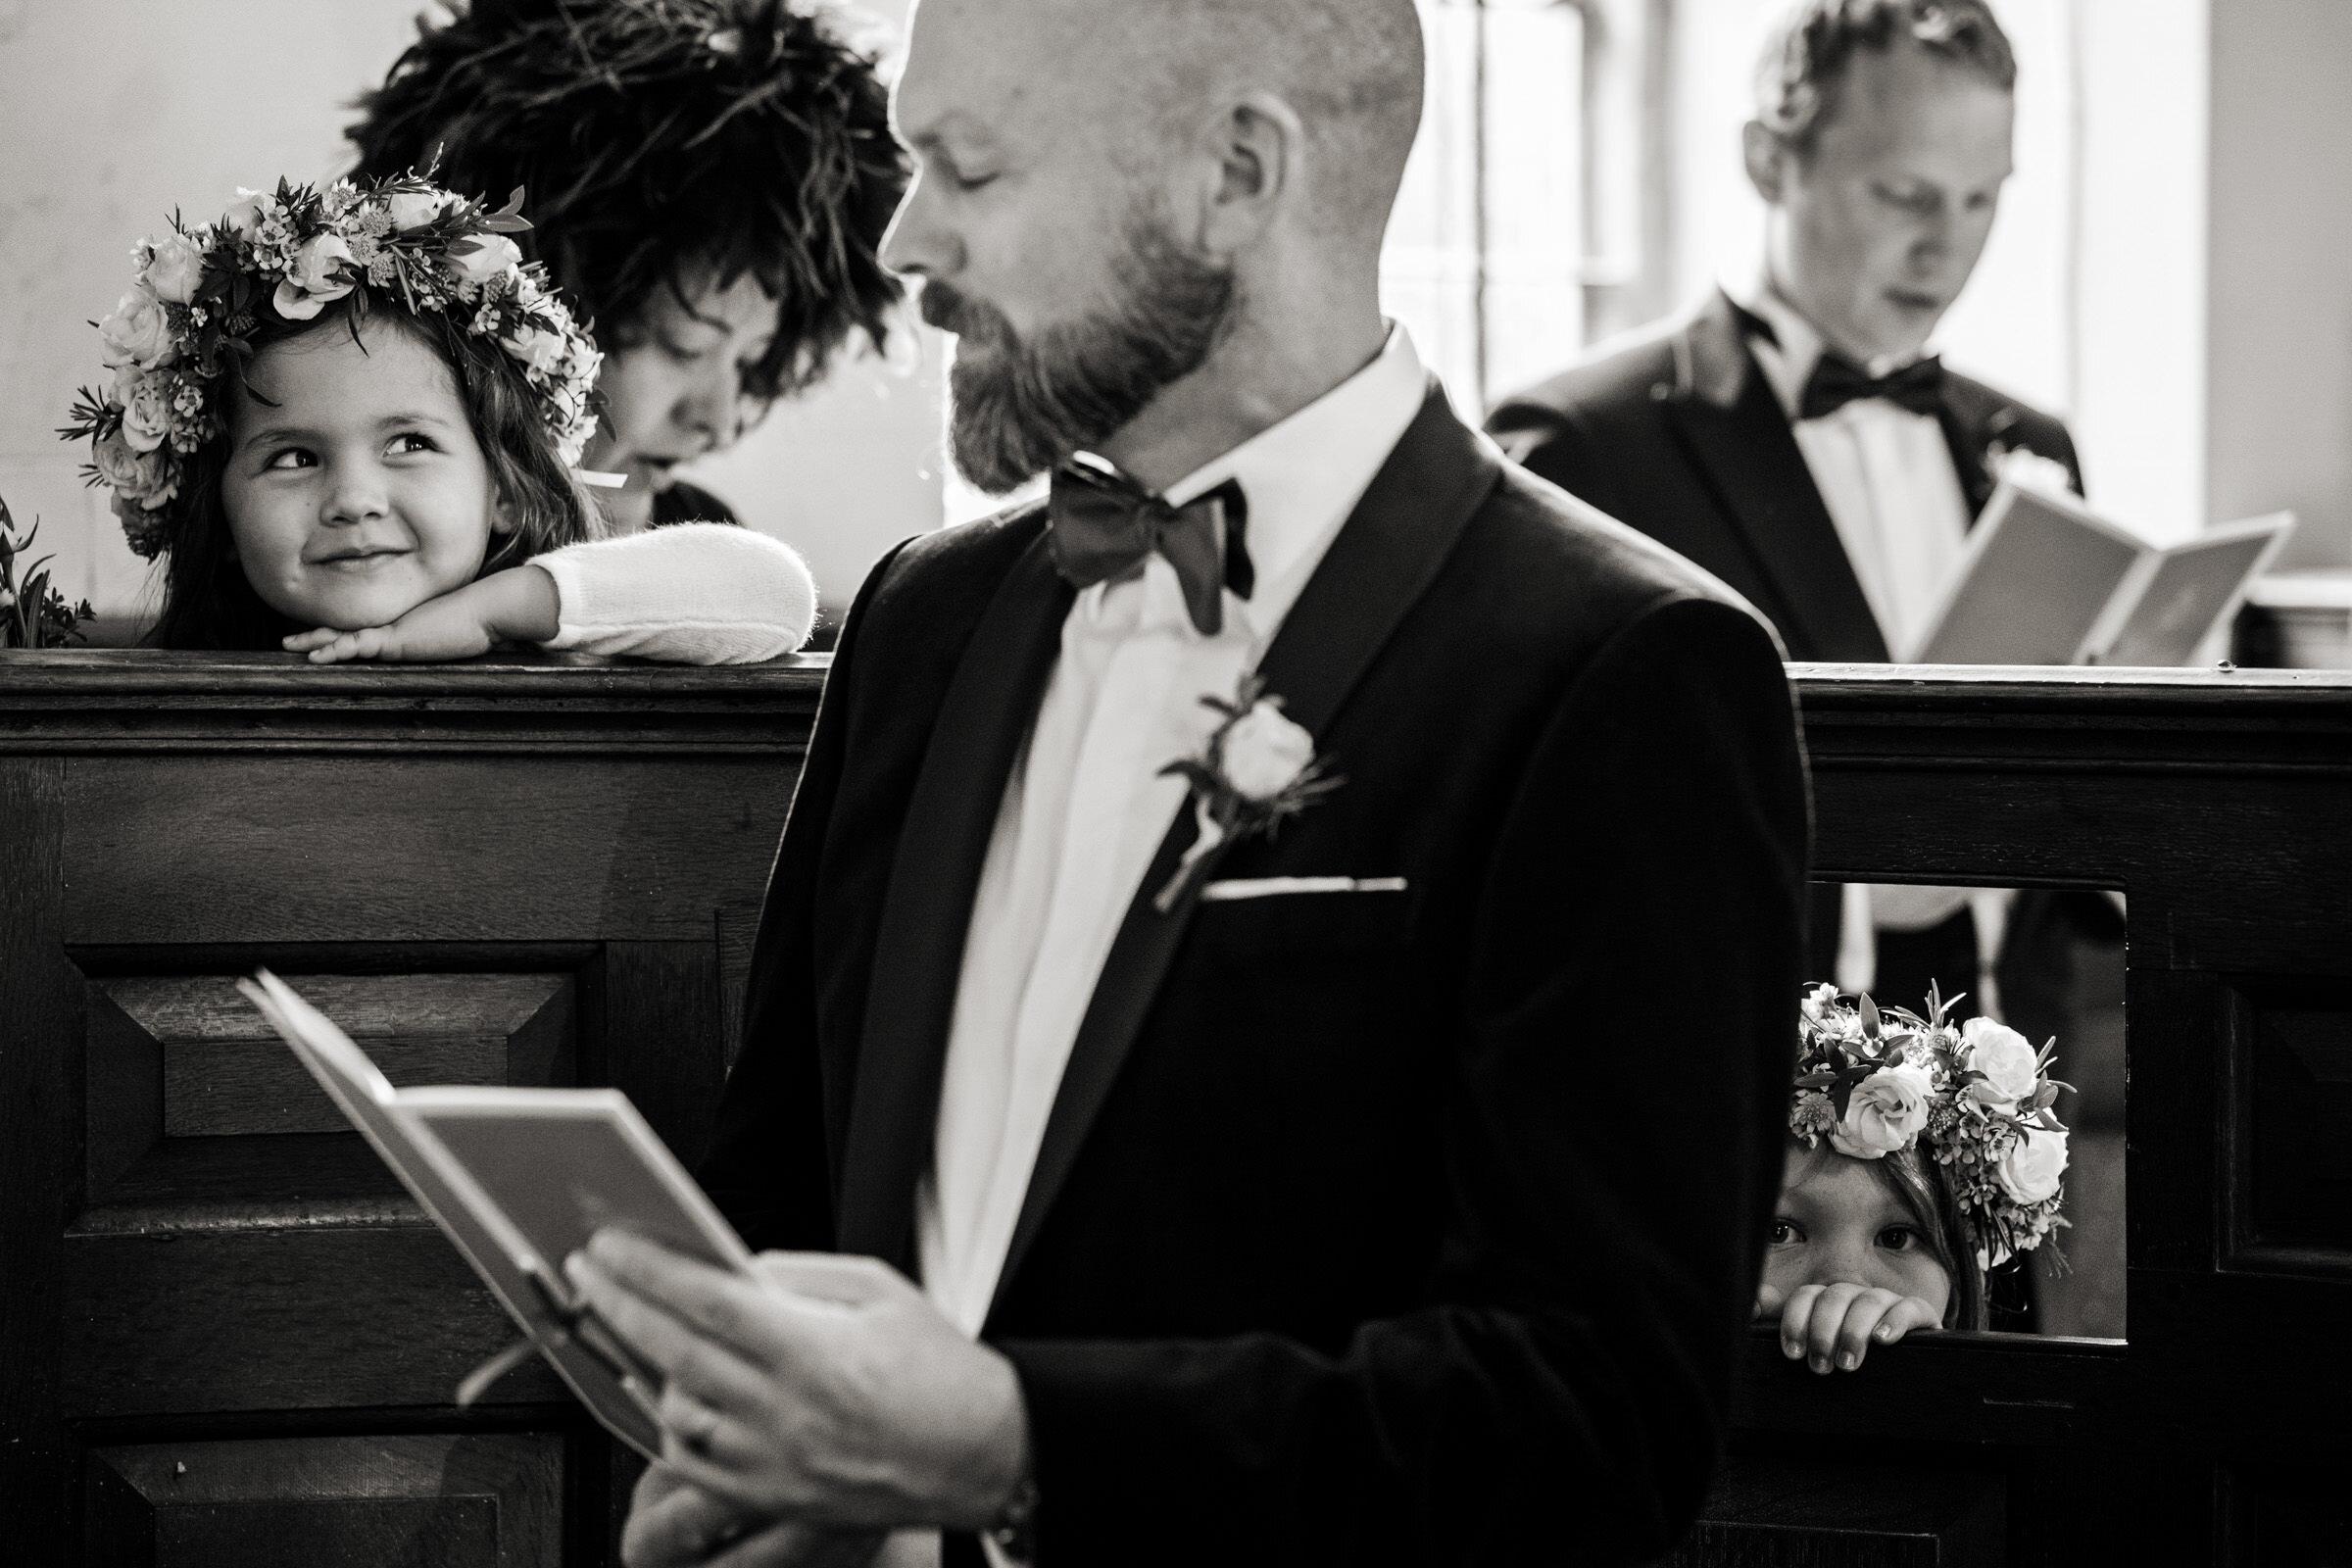 《婚礼》的《Vii.org》……